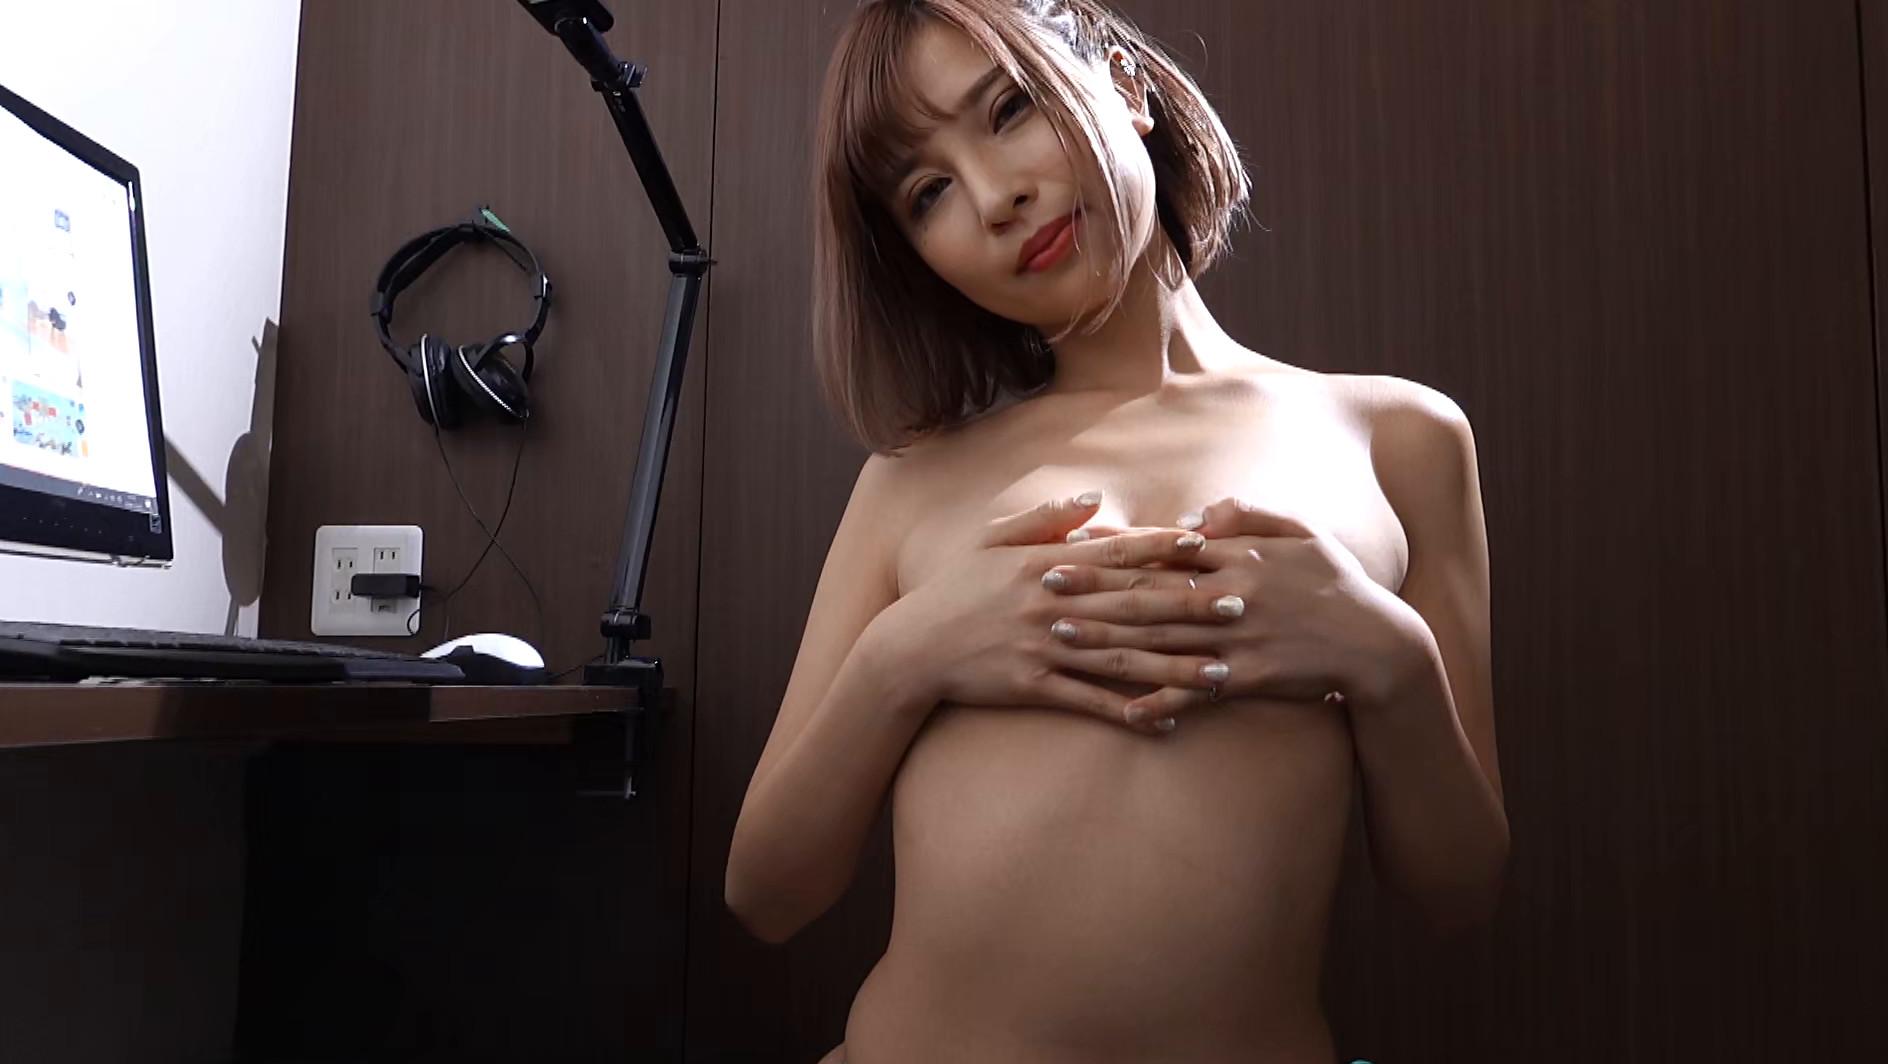 ハッピービッチ ~どうせヤリたいんでしょ?~ 鎌沢朋佳21